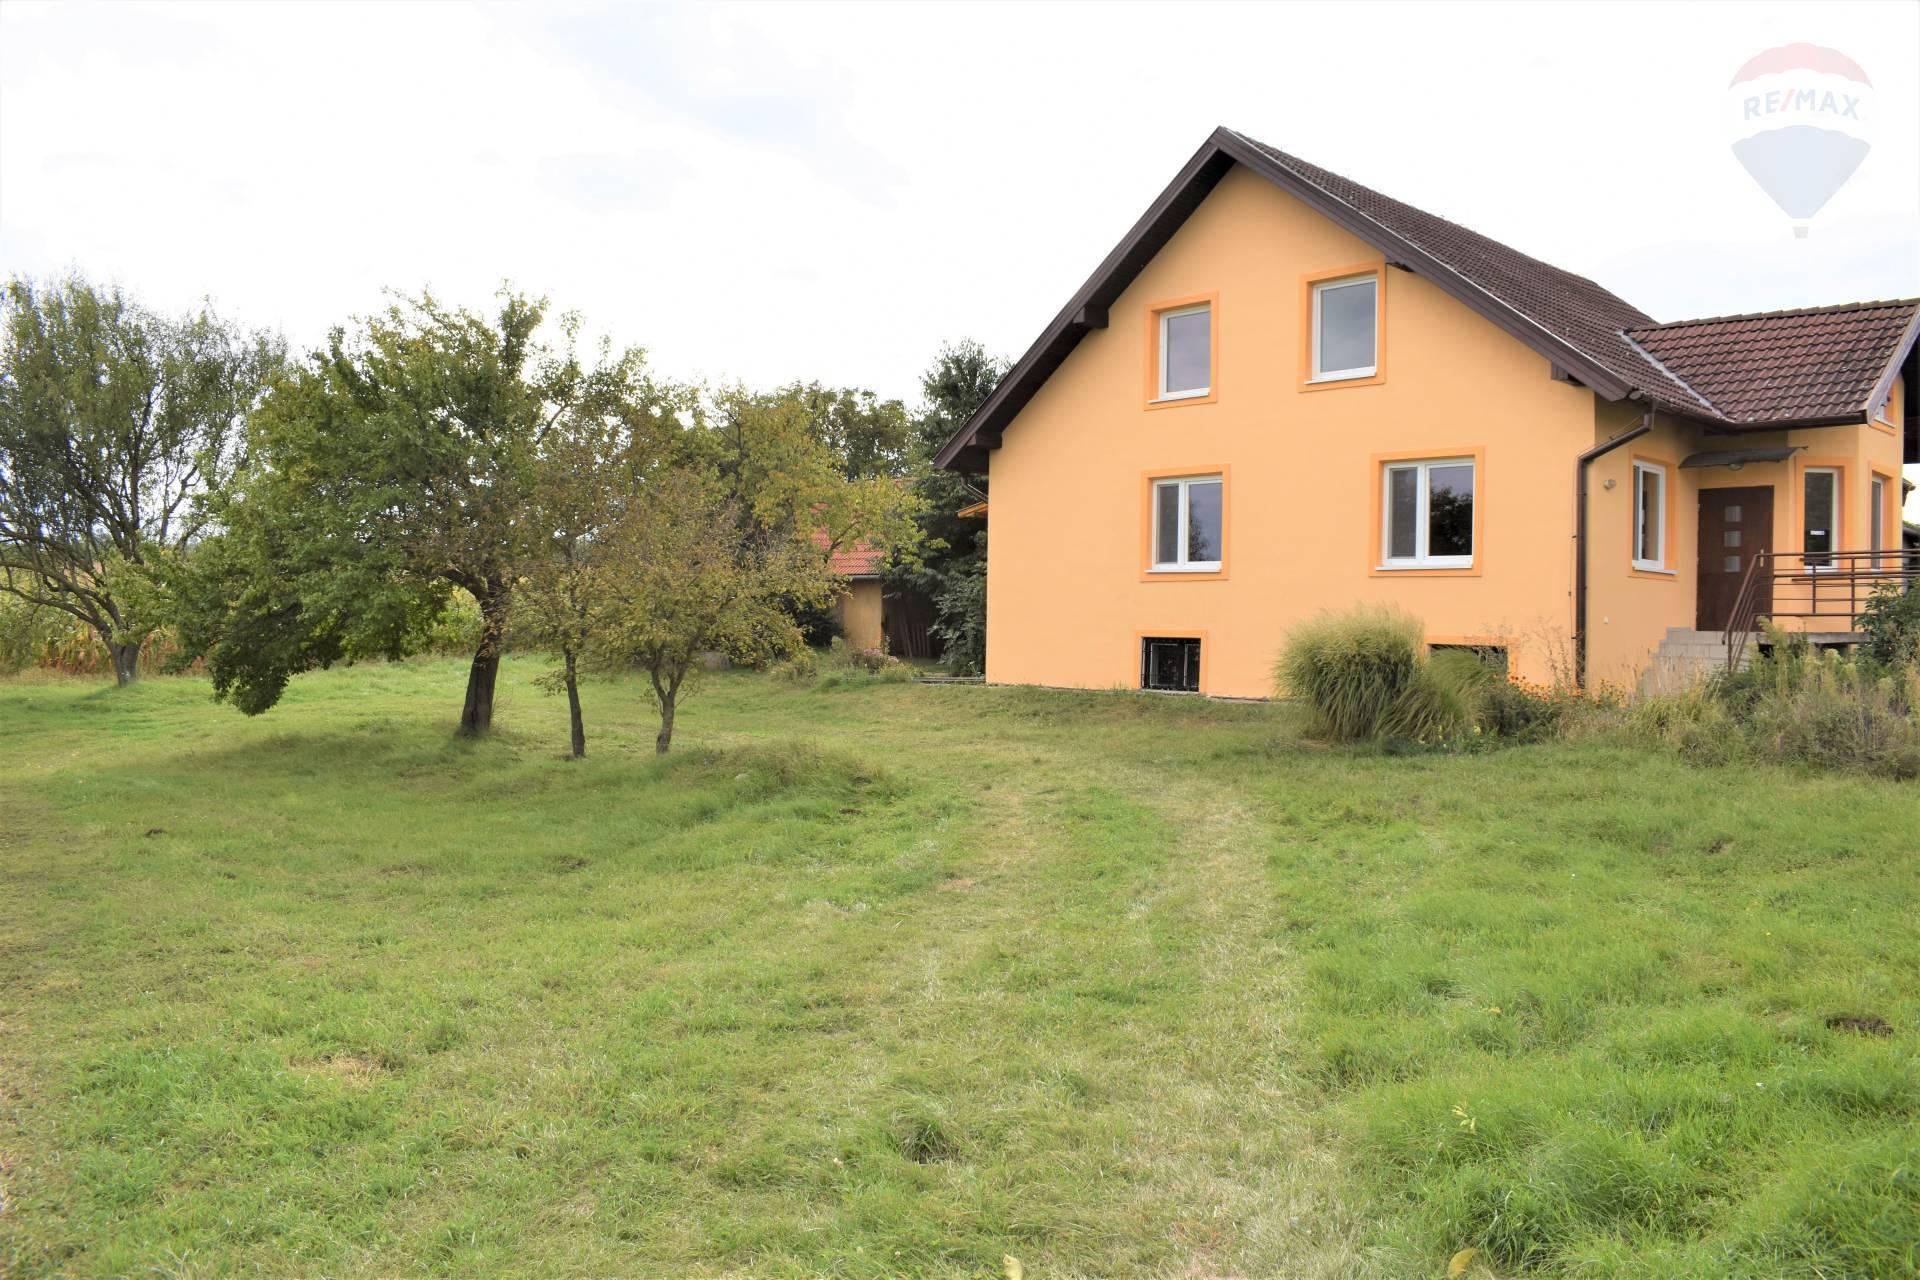 Predaj komerčný objekt s veľkým pozemkom, Nitra, Cabaj